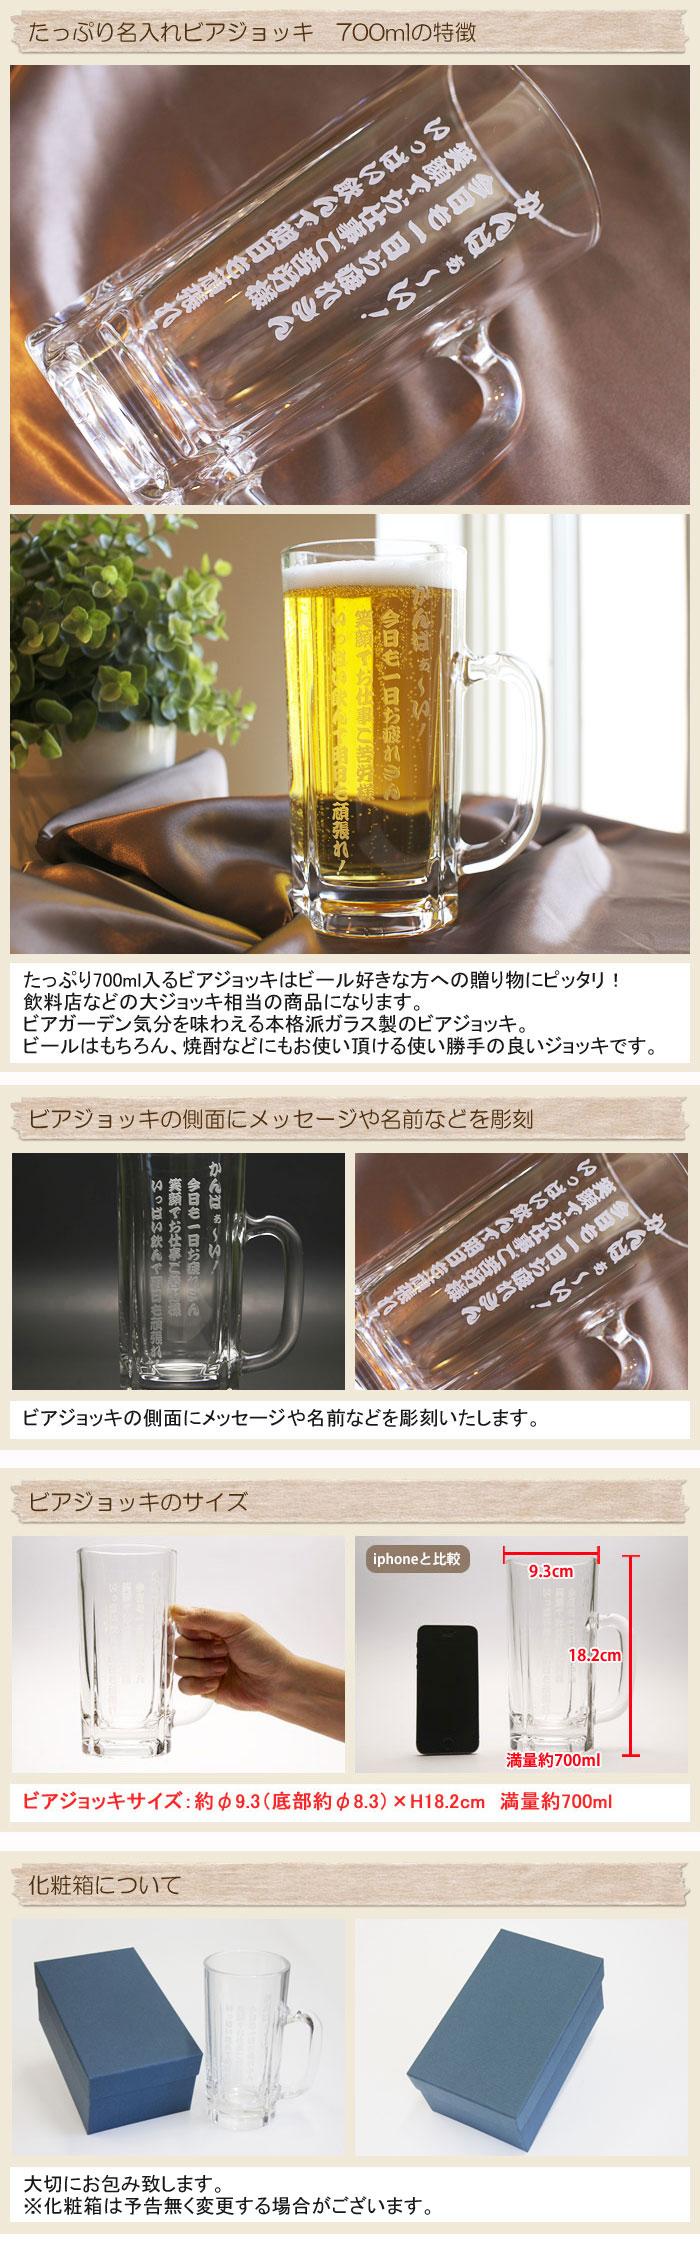 父親やビール好きな方へ!たっぷりサイズの名入れビアジョッキ